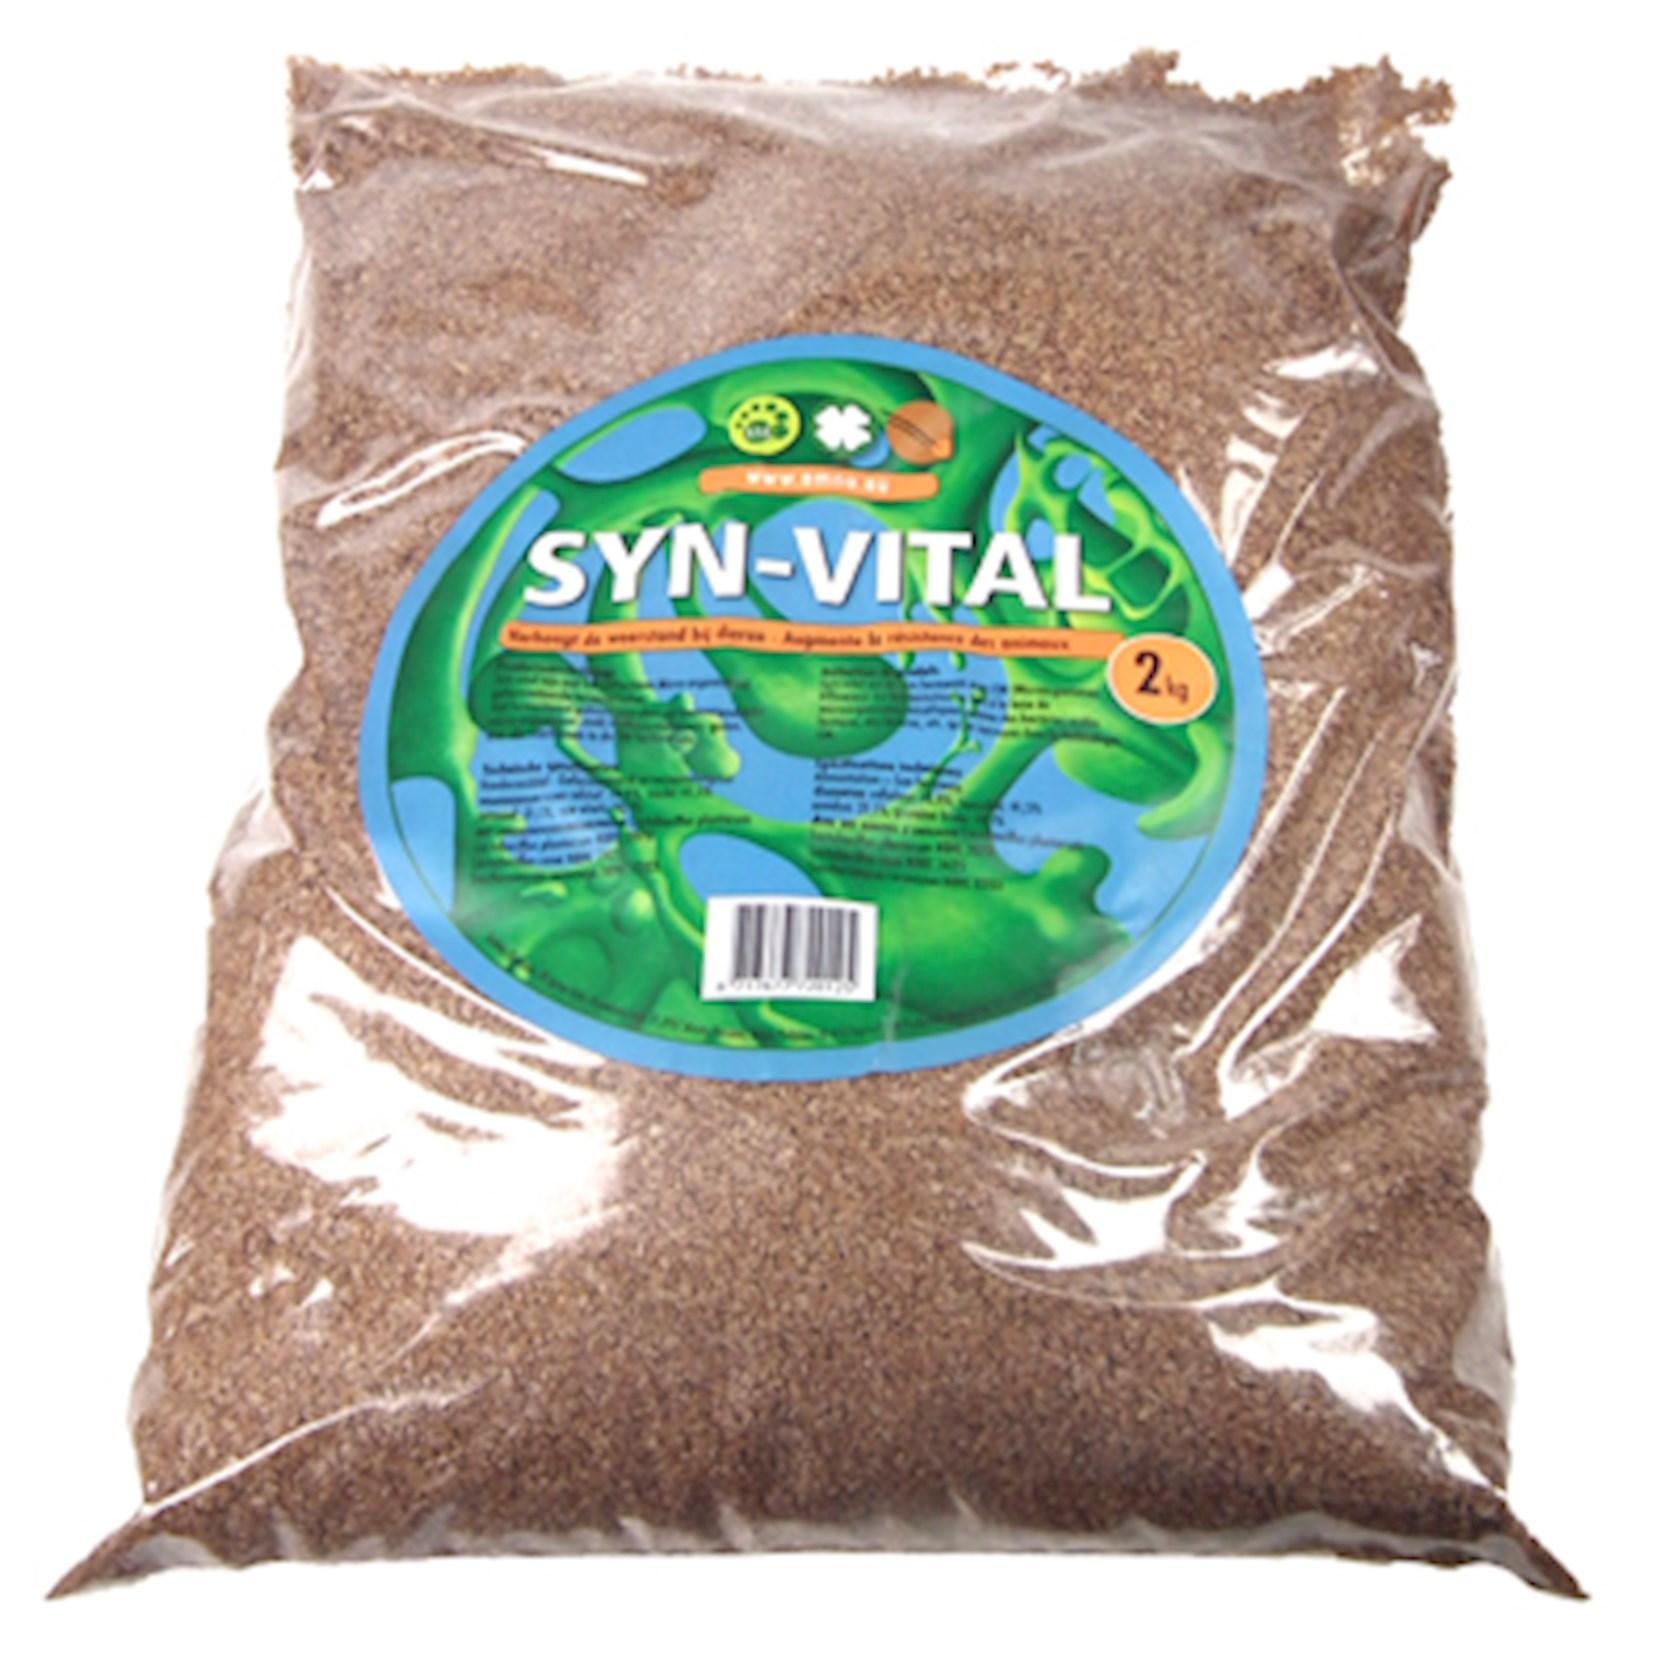 Syn-vital 2kg- gefermenteerde paardenvoeding